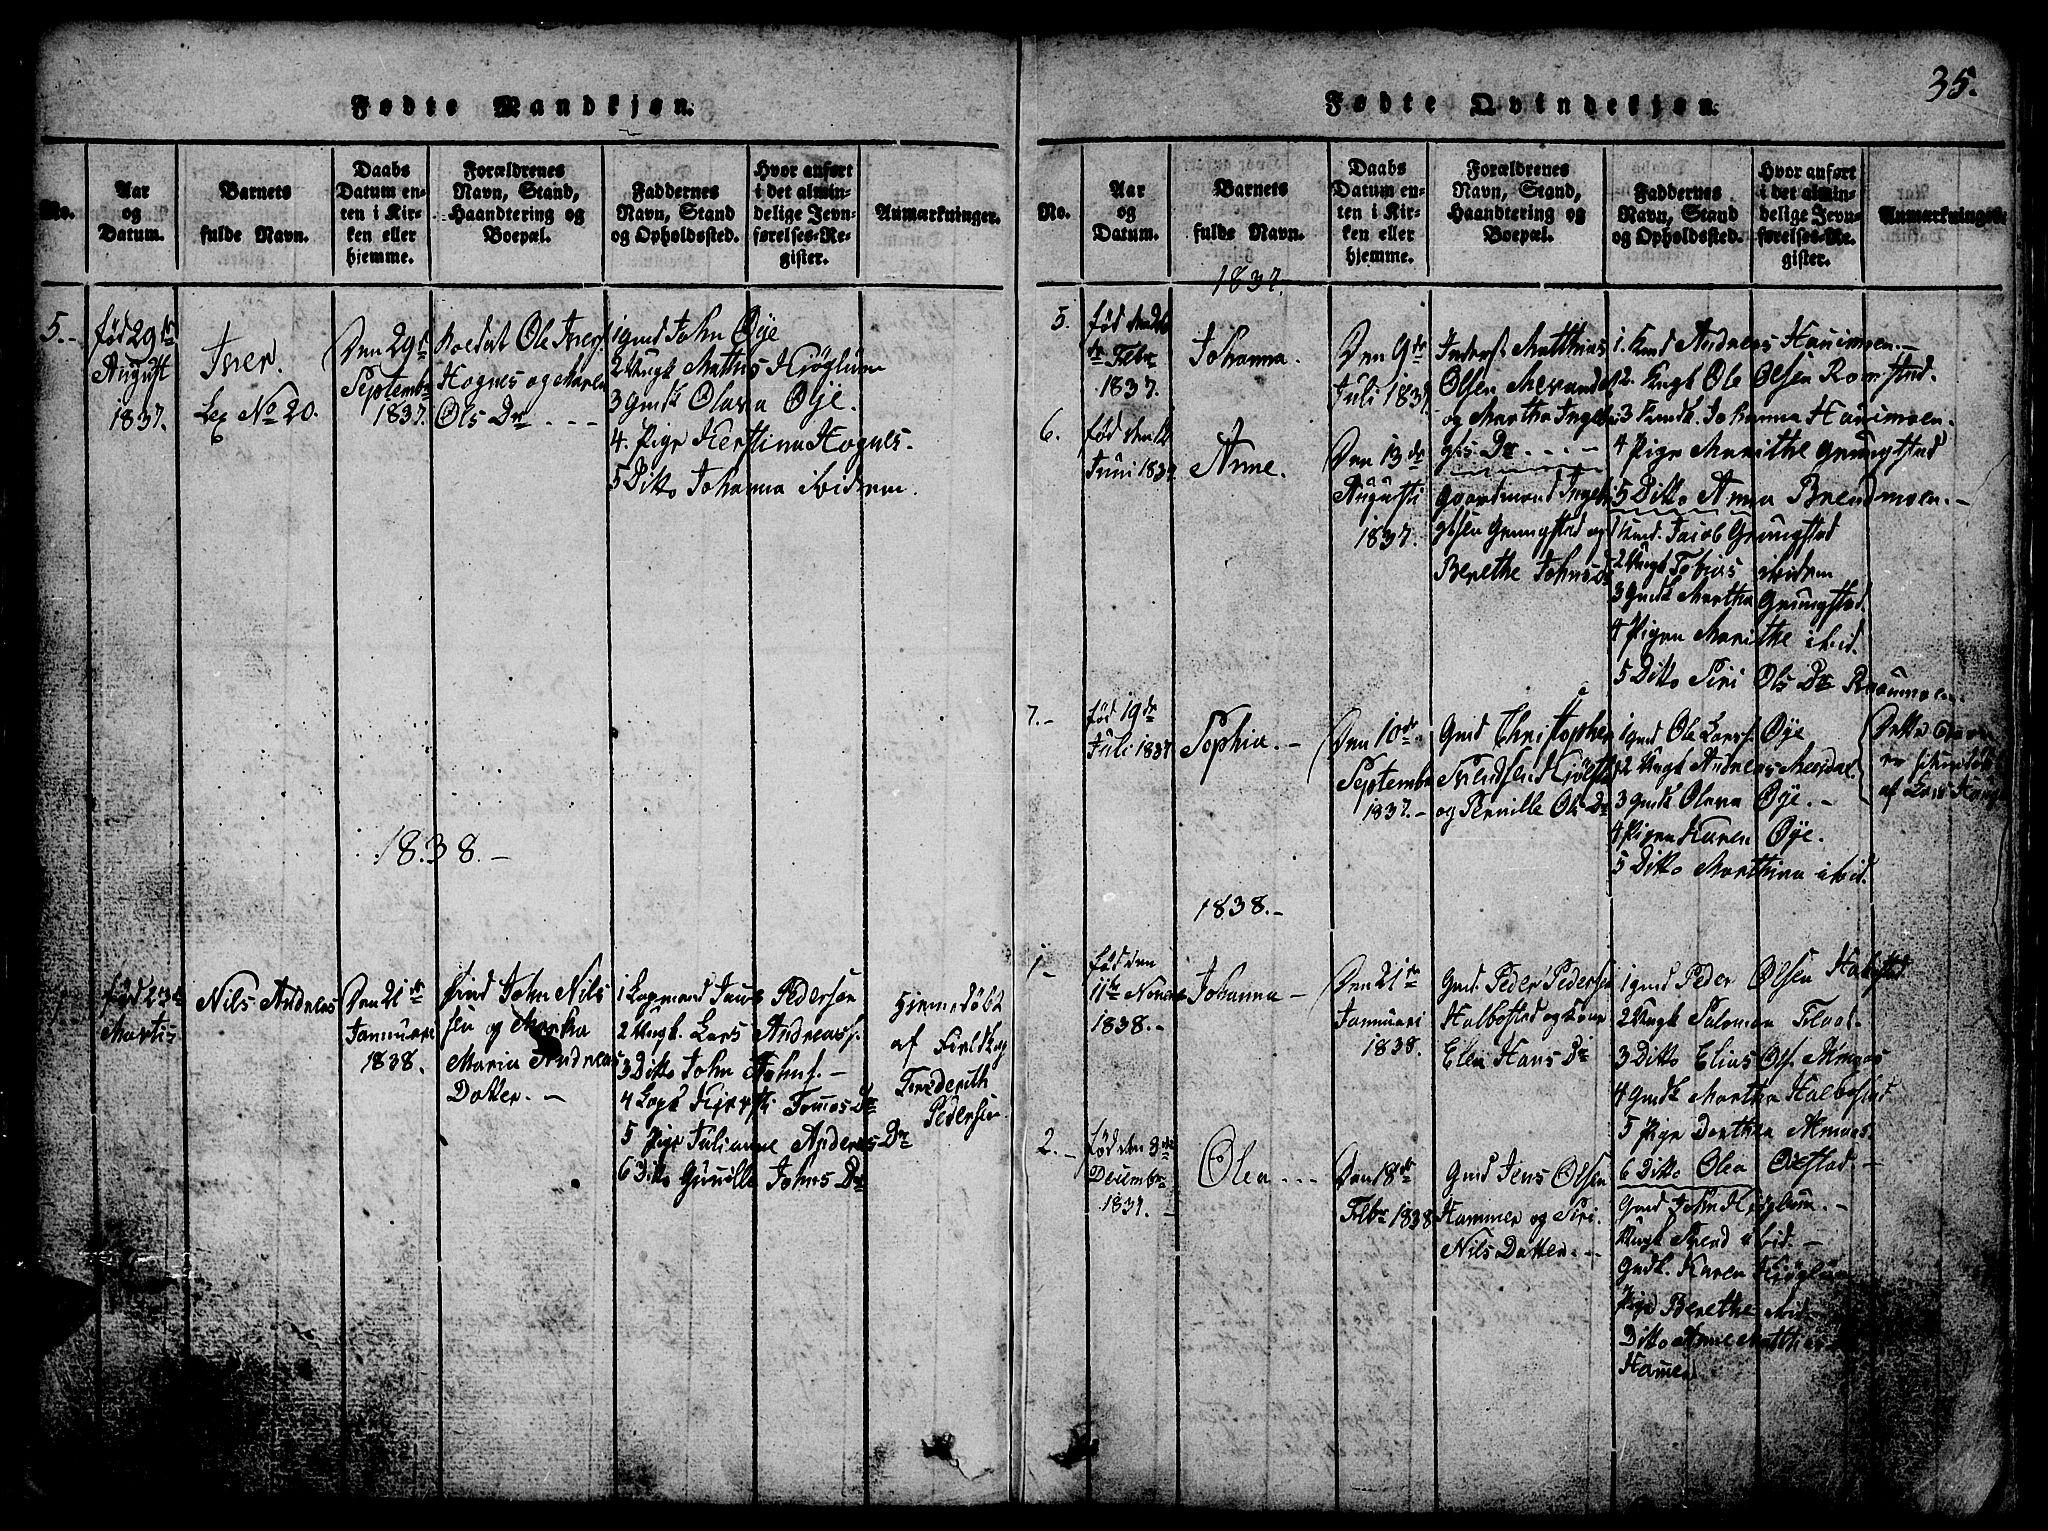 SAT, Ministerialprotokoller, klokkerbøker og fødselsregistre - Nord-Trøndelag, 765/L0562: Klokkerbok nr. 765C01, 1817-1851, s. 35